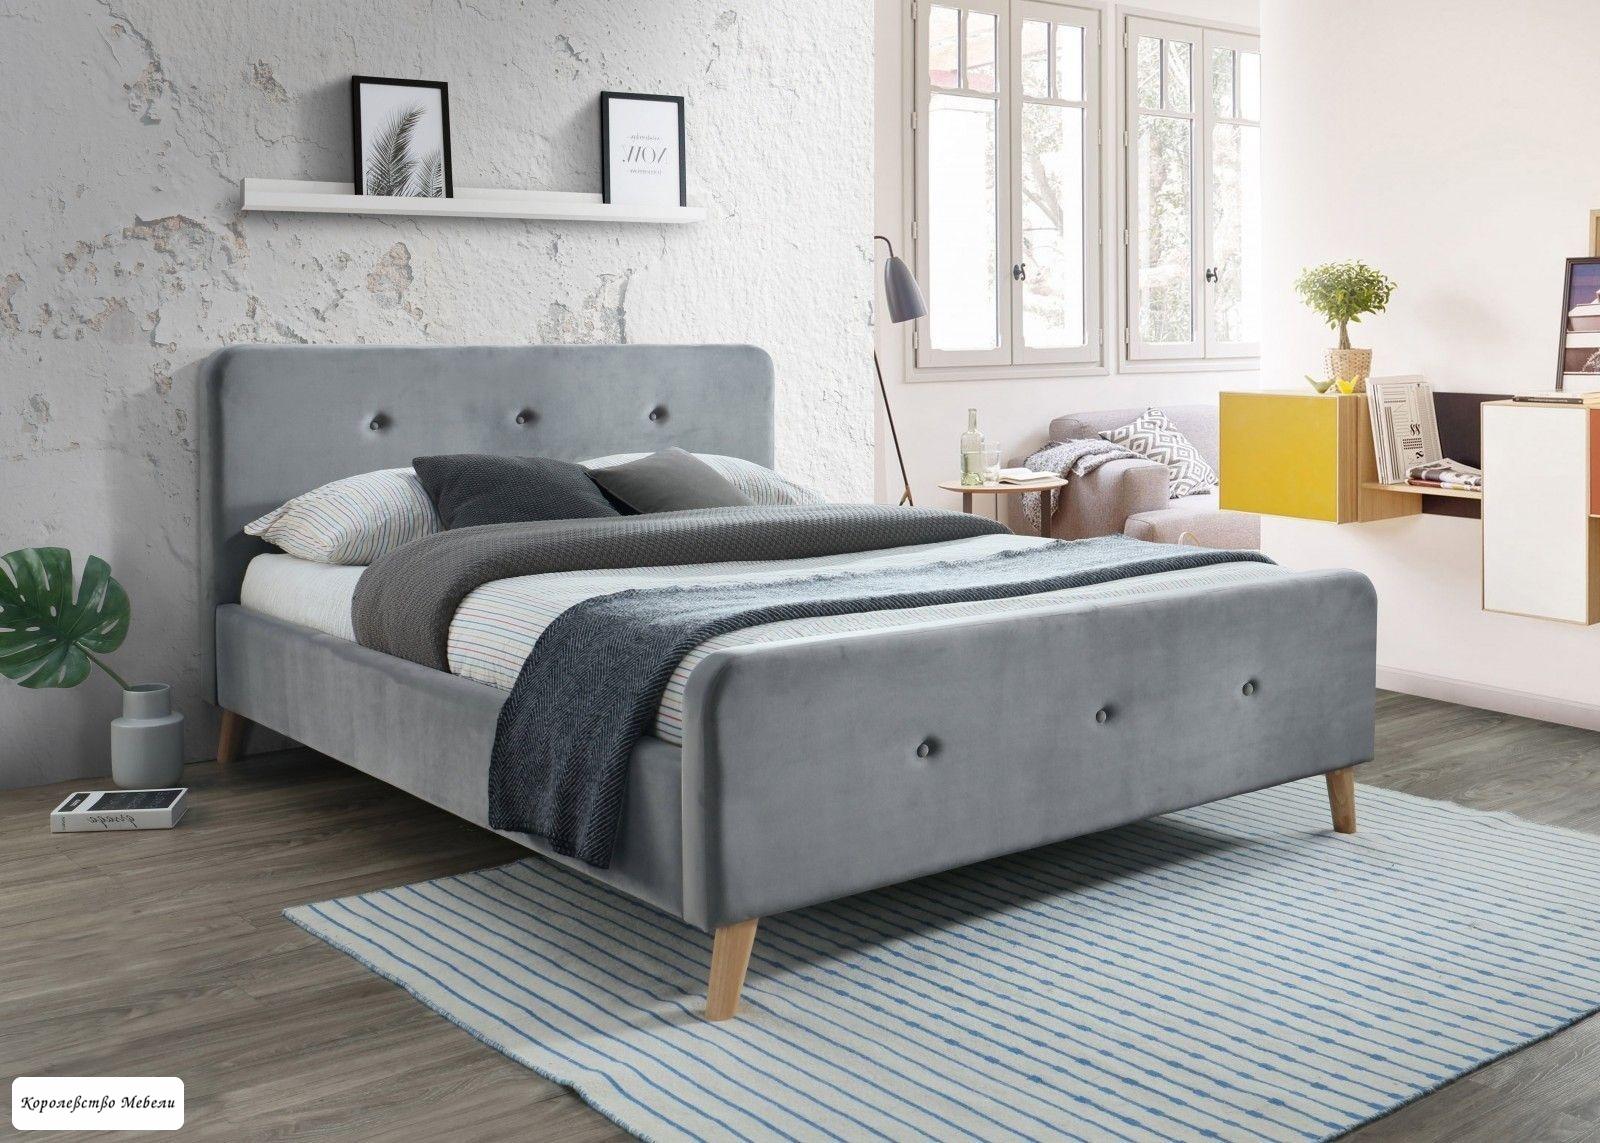 Кровать  Malmo VELVET (160*200) (серый),с основанием